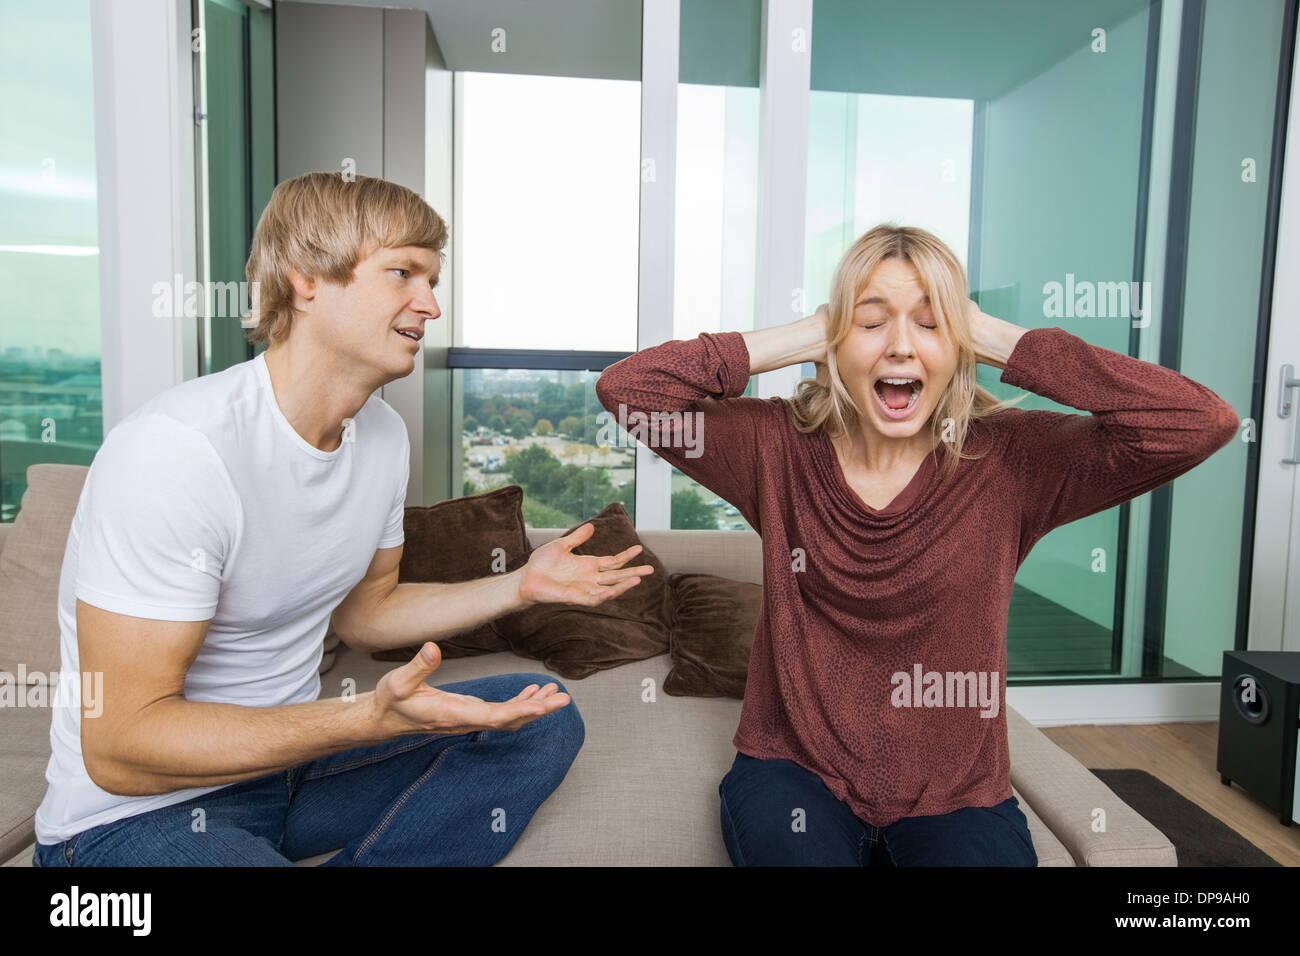 El hombre tratando de hablar como una mujer grita en voz alta en el salón en casa Imagen De Stock